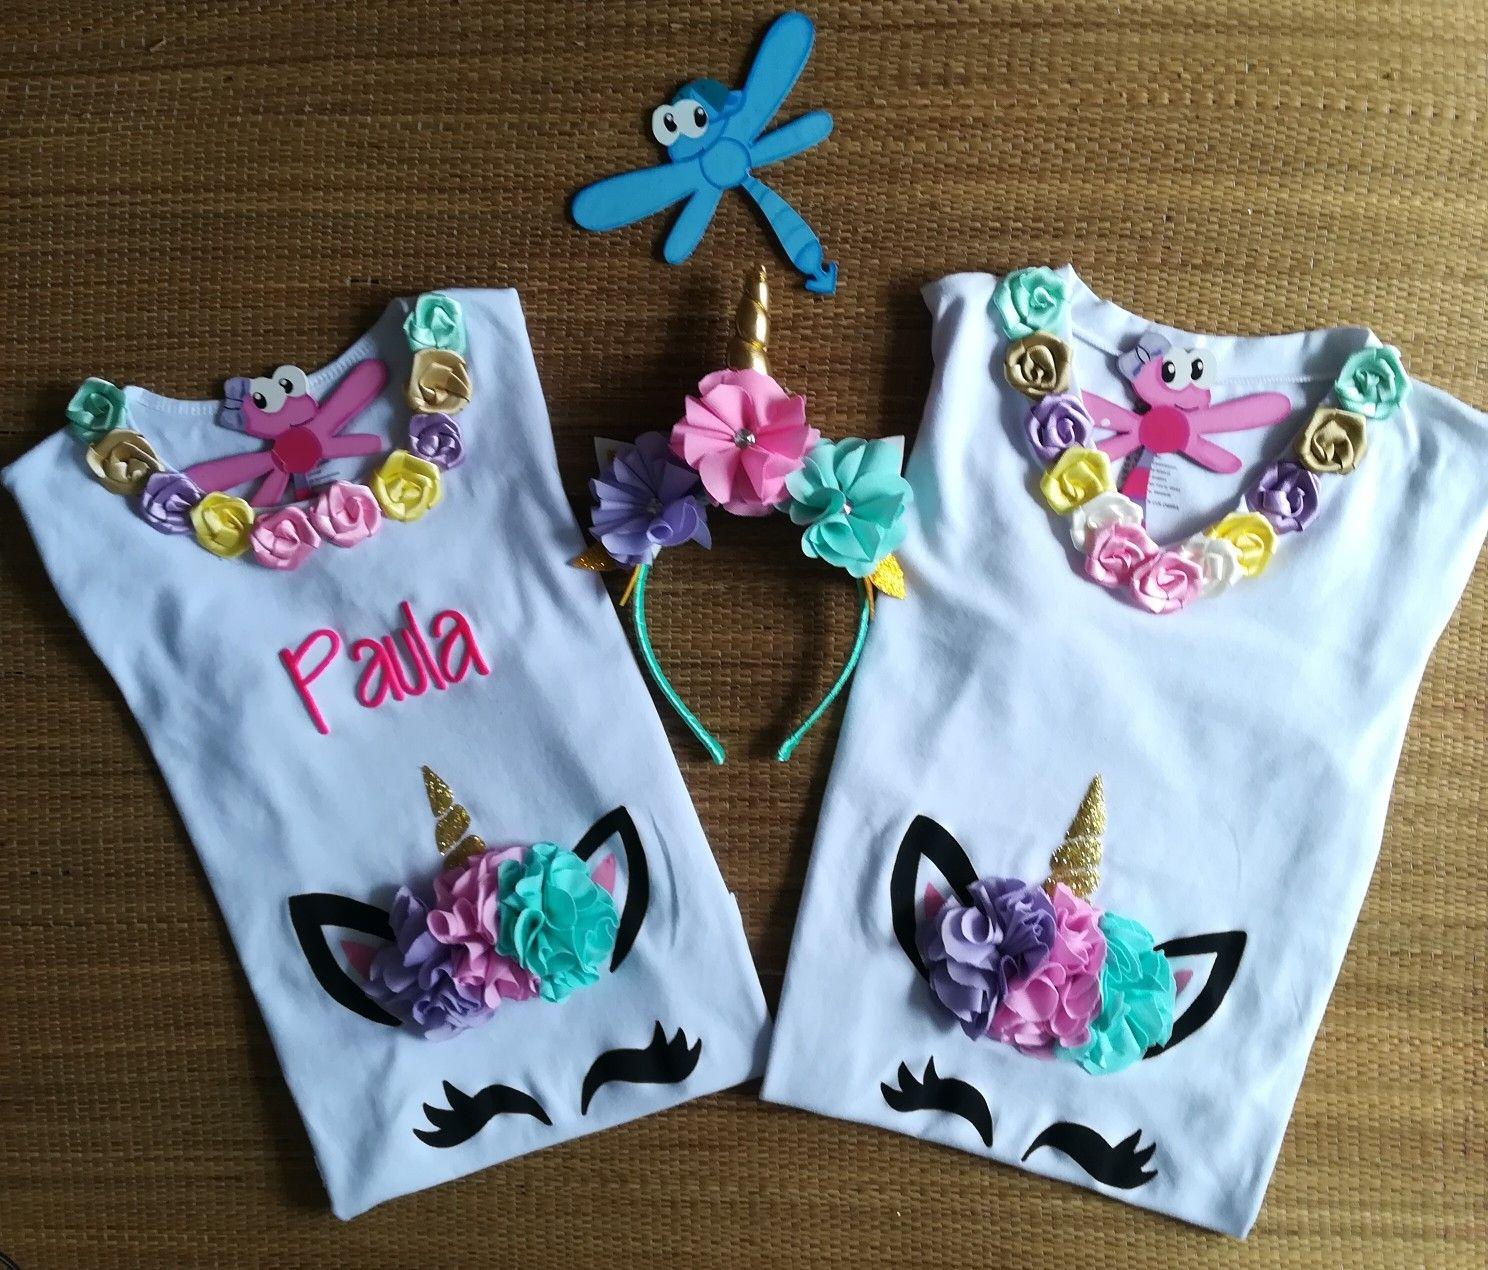 venta de tienda outlet precios baratass venta caliente más nuevo Blusas y camisetas personalizadas unicornio Abilia Shopping ...